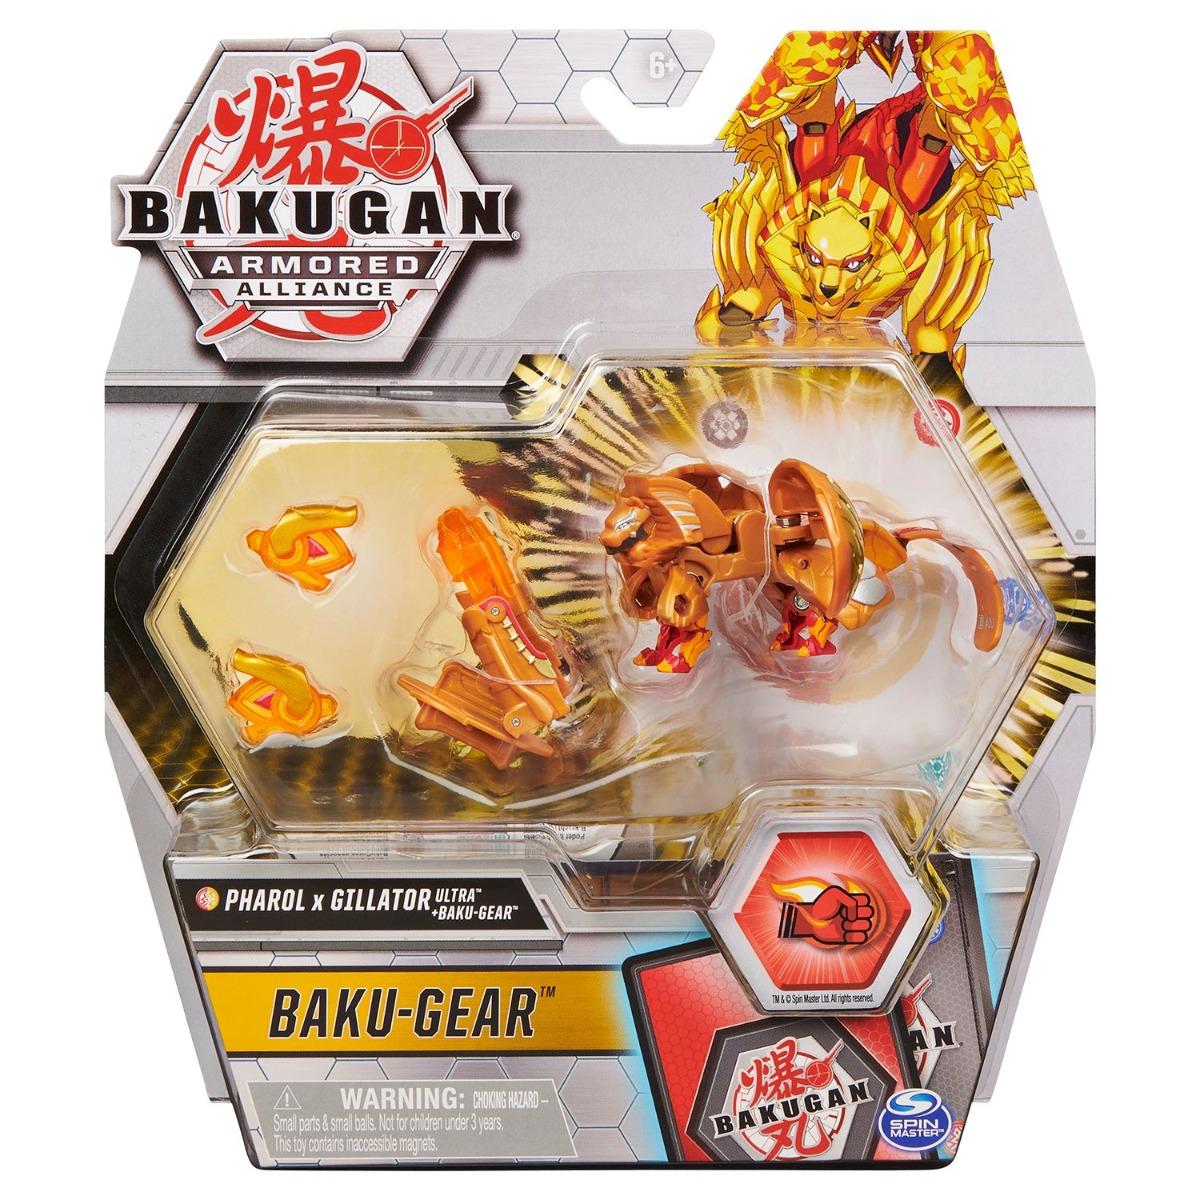 Figurina Bakugan Armored Alliance, Pharol x Gillator Ultra, Baku-Gear, 20126525